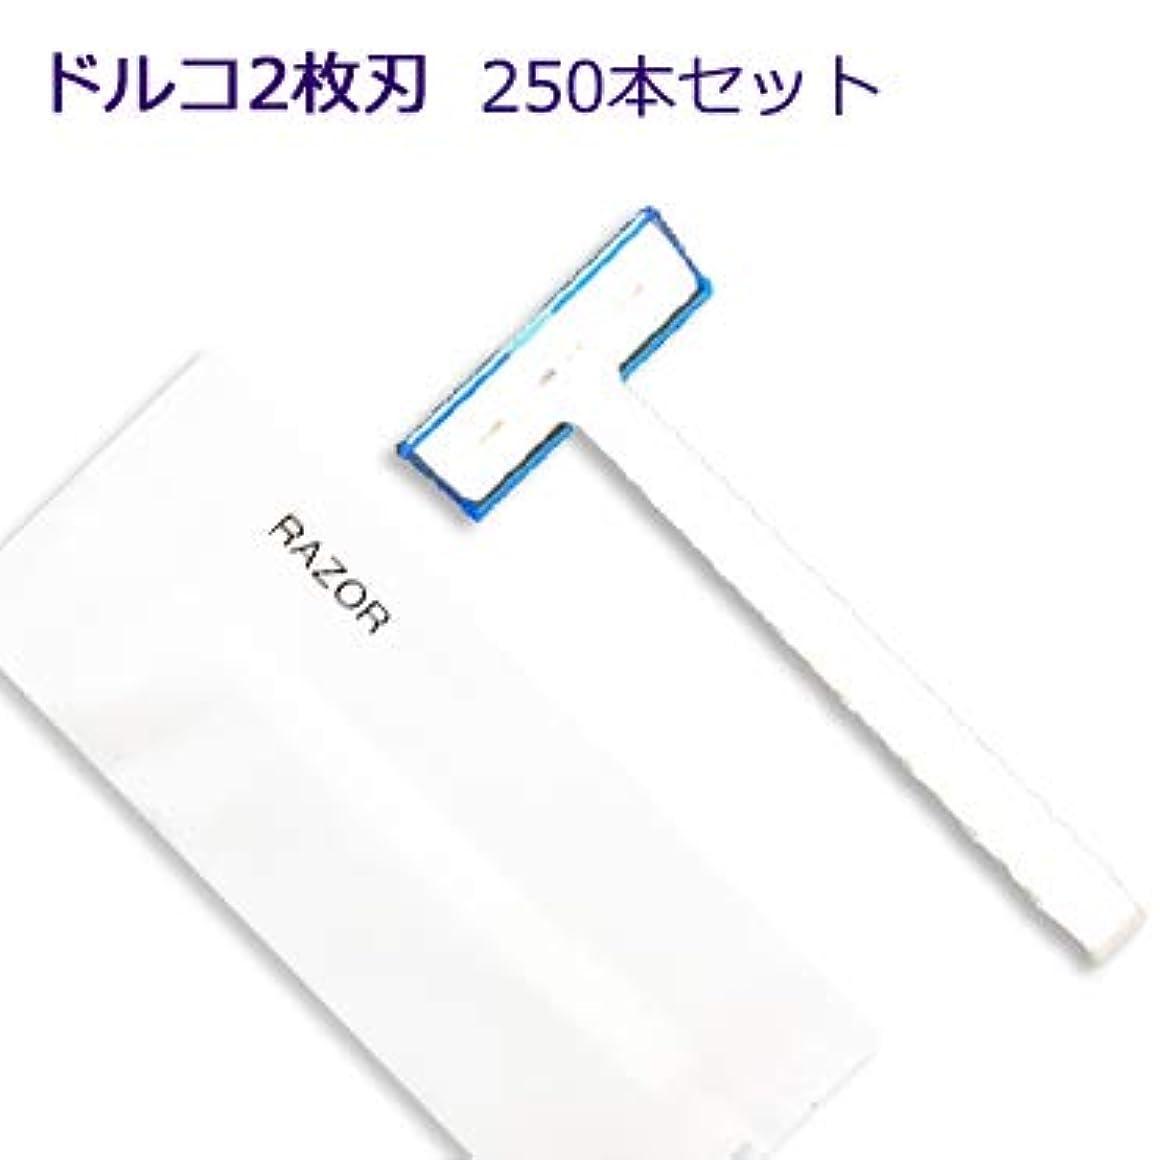 心から天の追い出すホテル業務用 カミソリ マットシリーズ ドルコ 2枚刃 (1セット250個入)